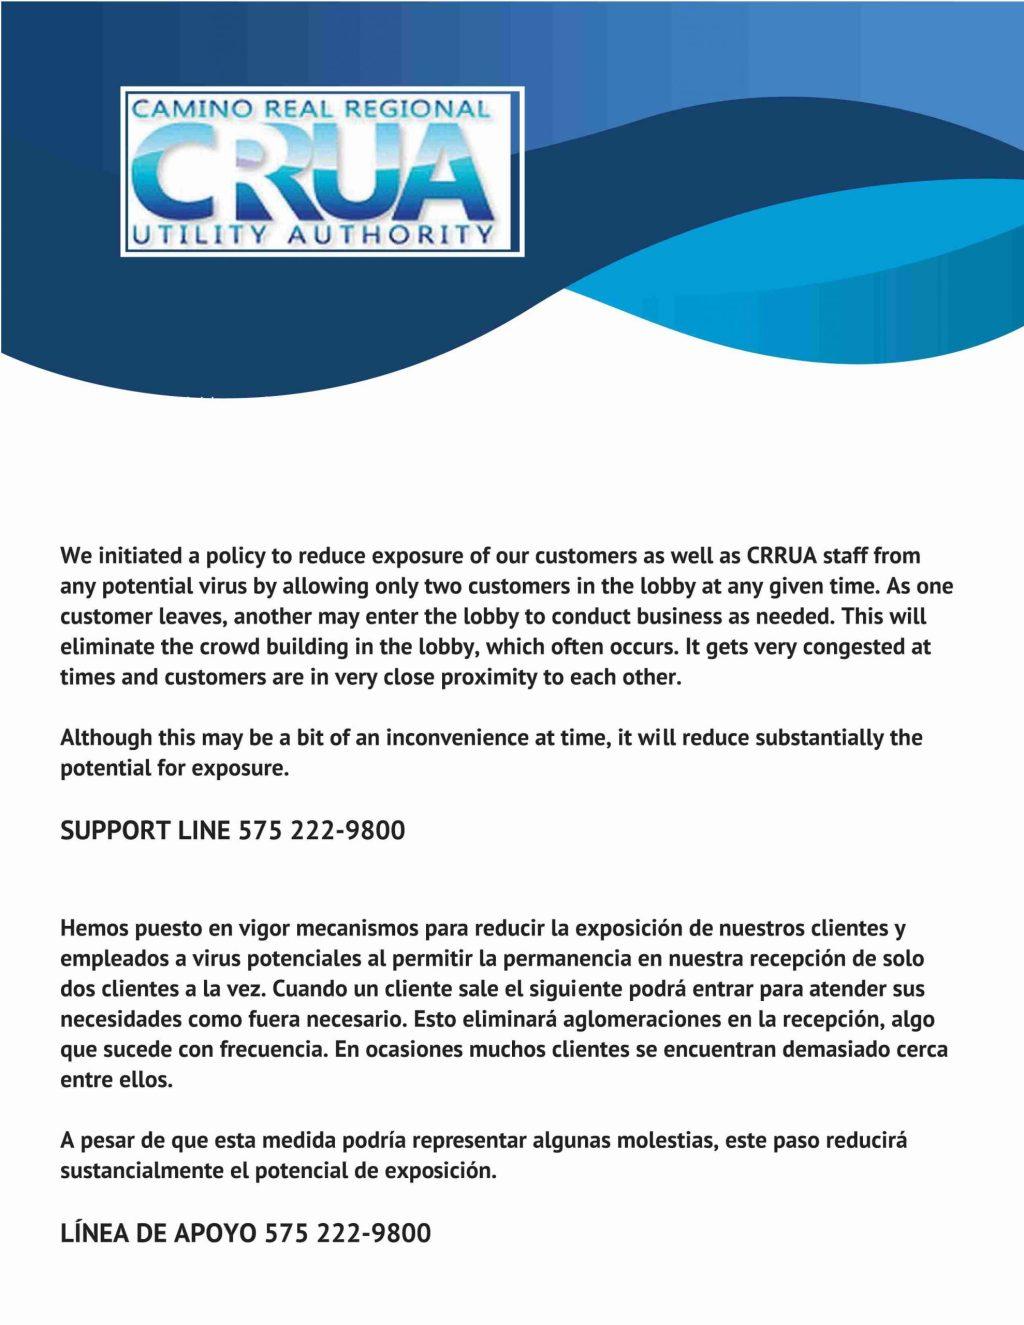 CRRUA and the coronavirus